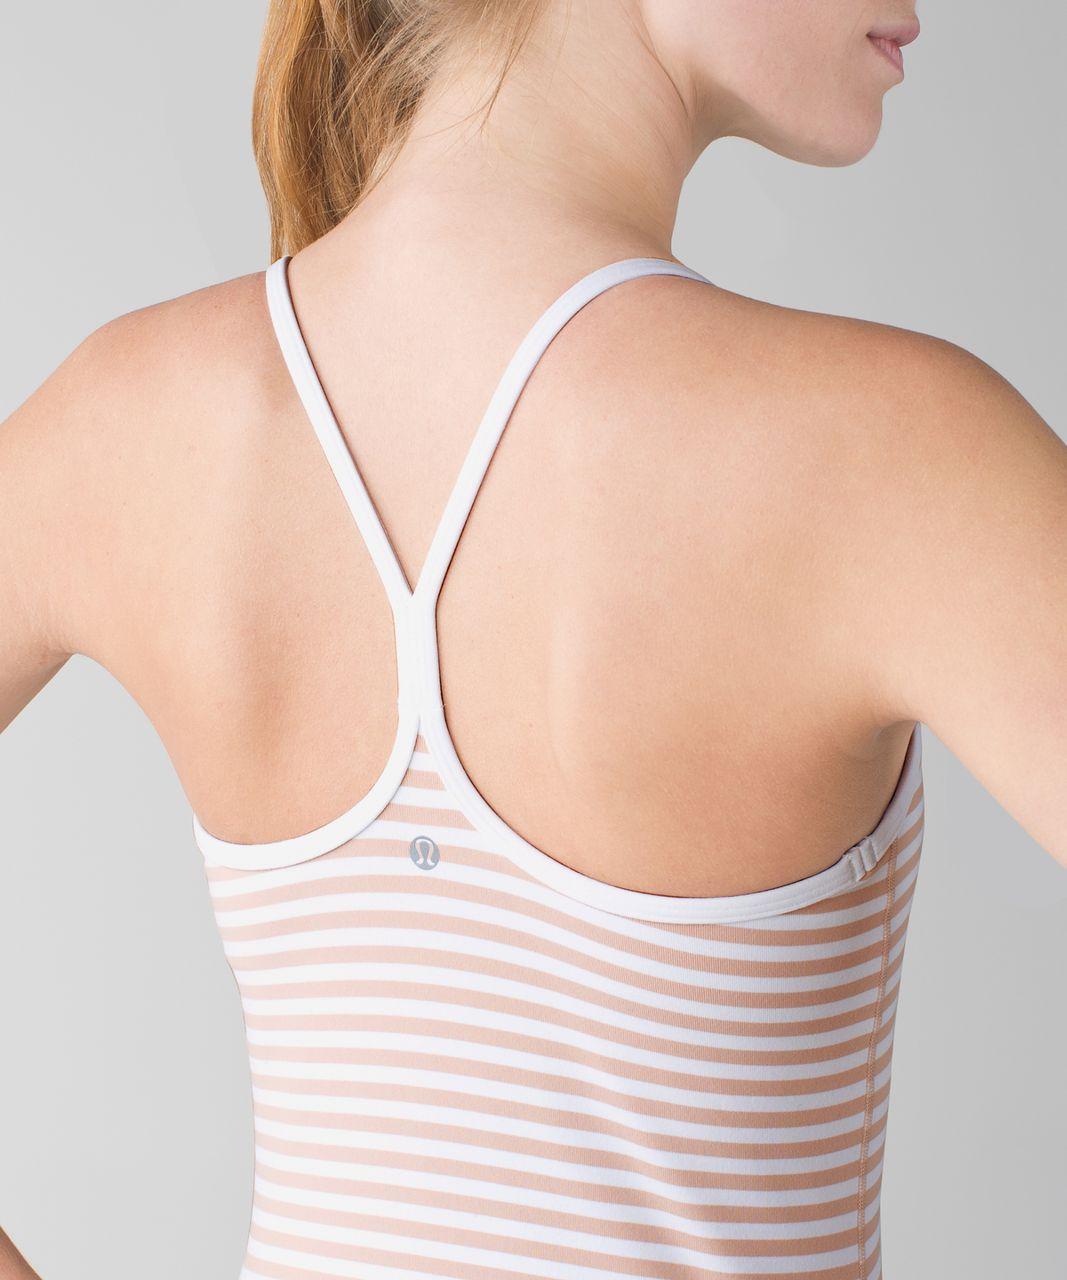 Lululemon Power Y Tank *Luon - Narrow Bold Stripe White Naked / White